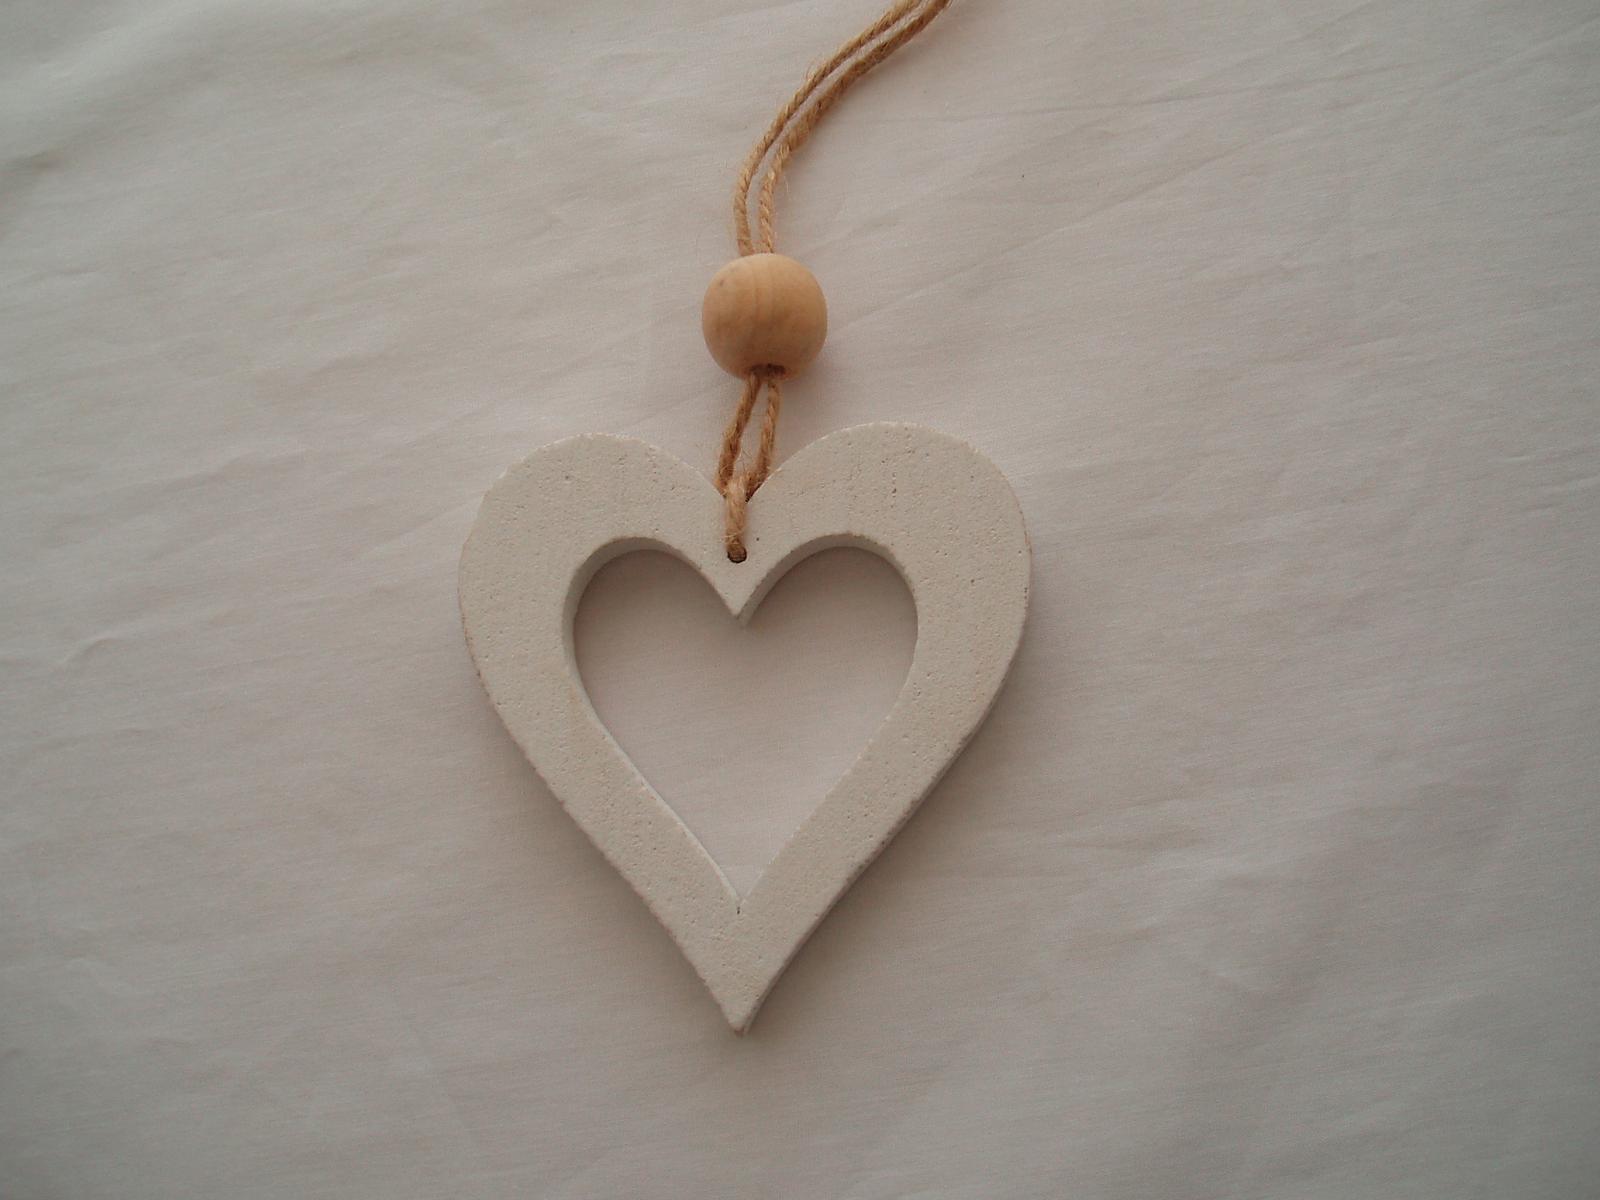 srdce-závěs - Obrázek č. 1